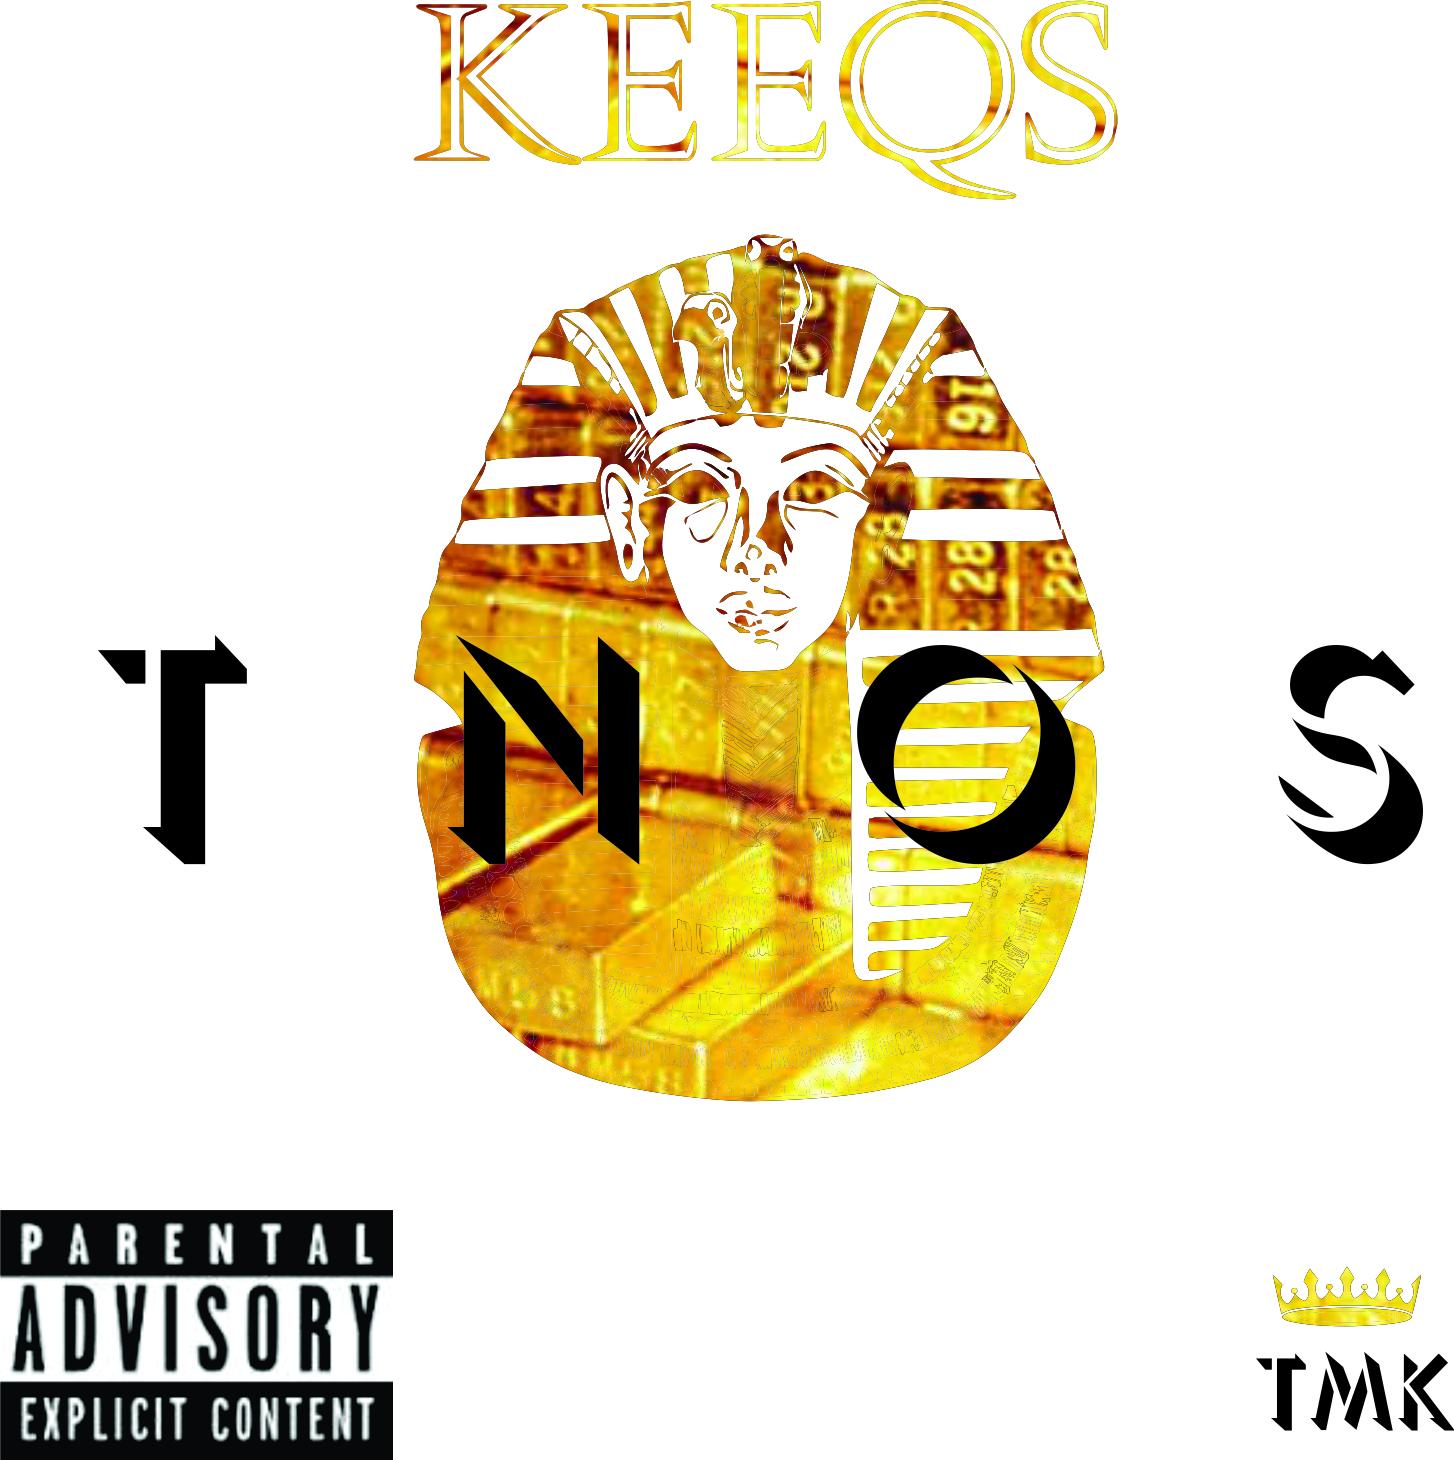 TNOS Cover (5x5)in.